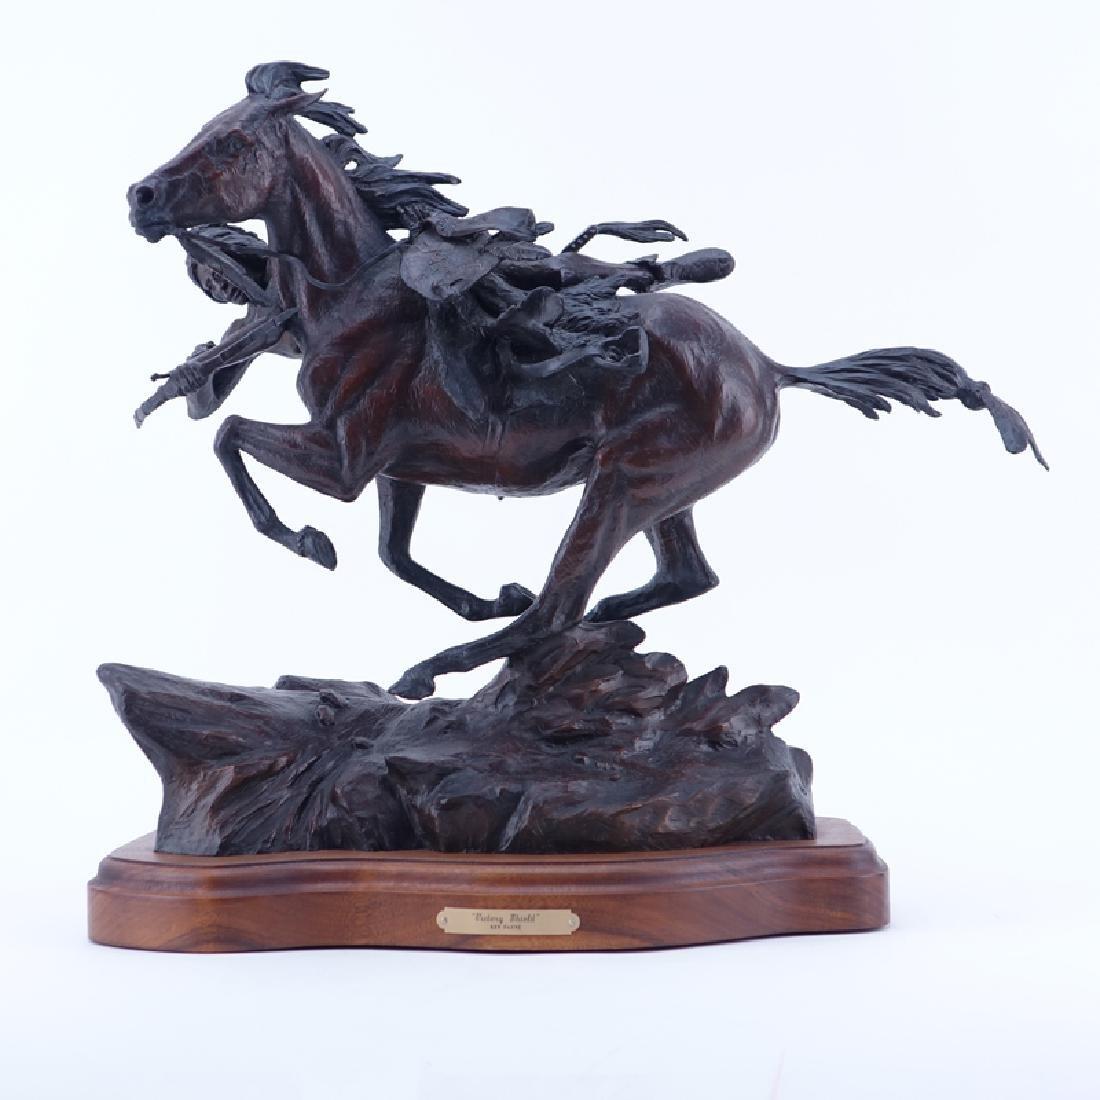 Ken Payne, American  (1938 - 2012) Bronze Sculpture